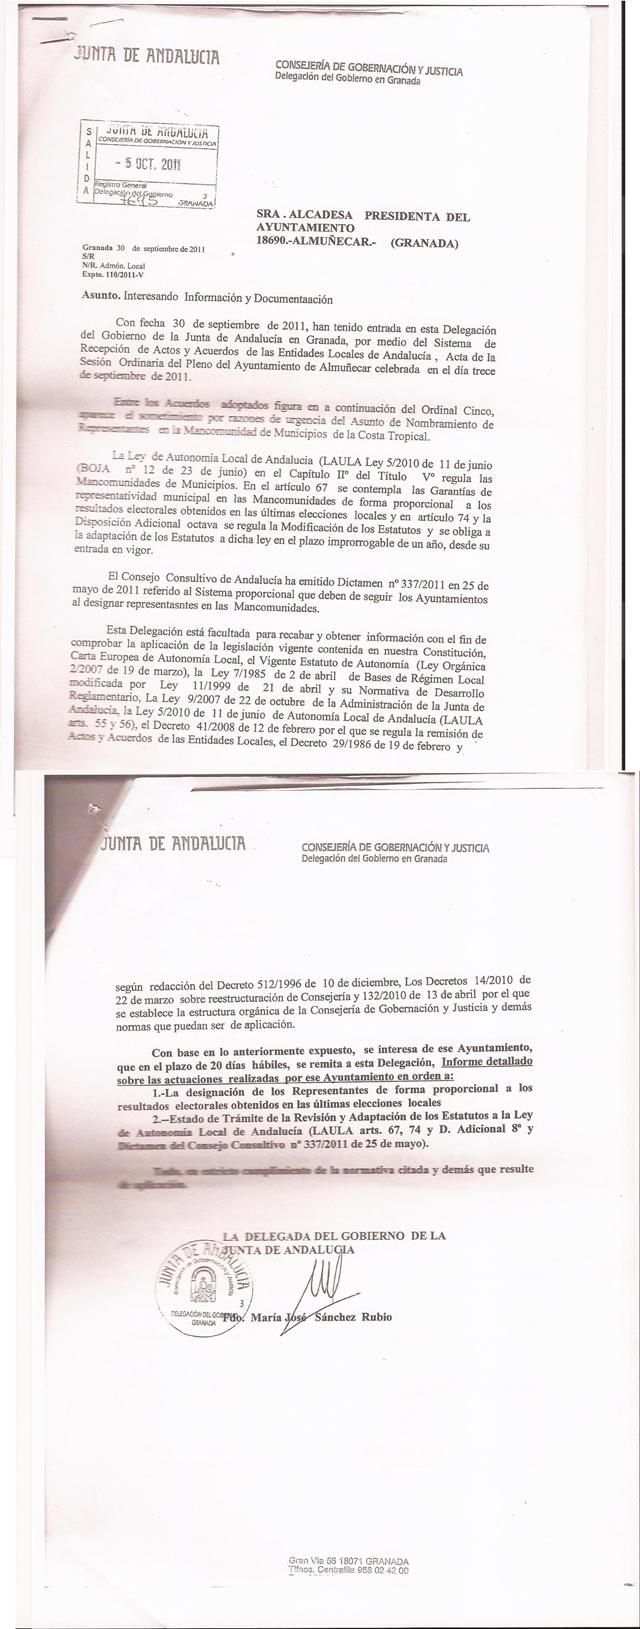 20111018192752-junta-mancomunidad.jpg